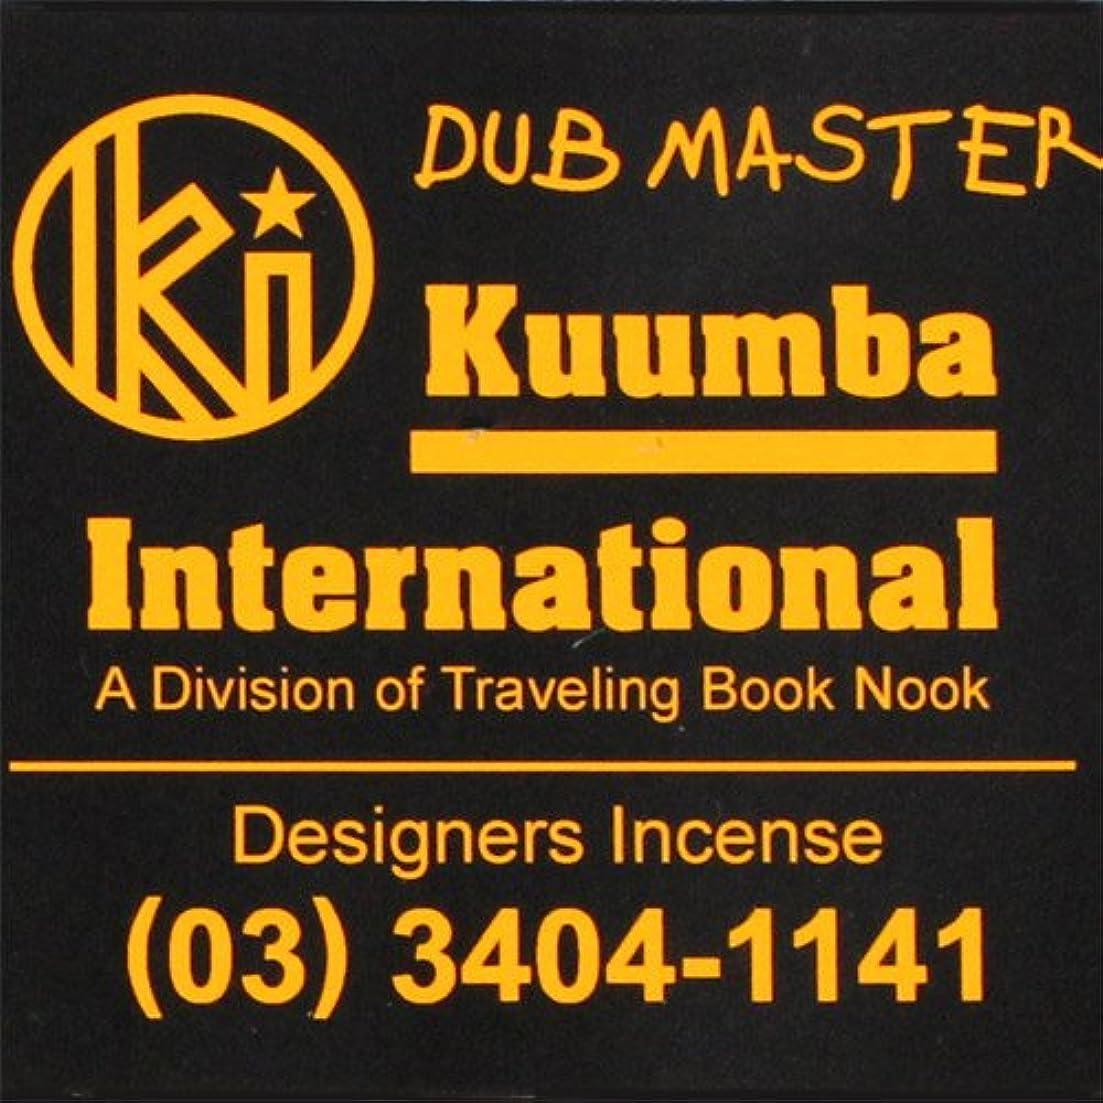 自信がある泳ぐ家禽KUUMBA/クンバ『incense』(DUB MASTER) (Regular size)